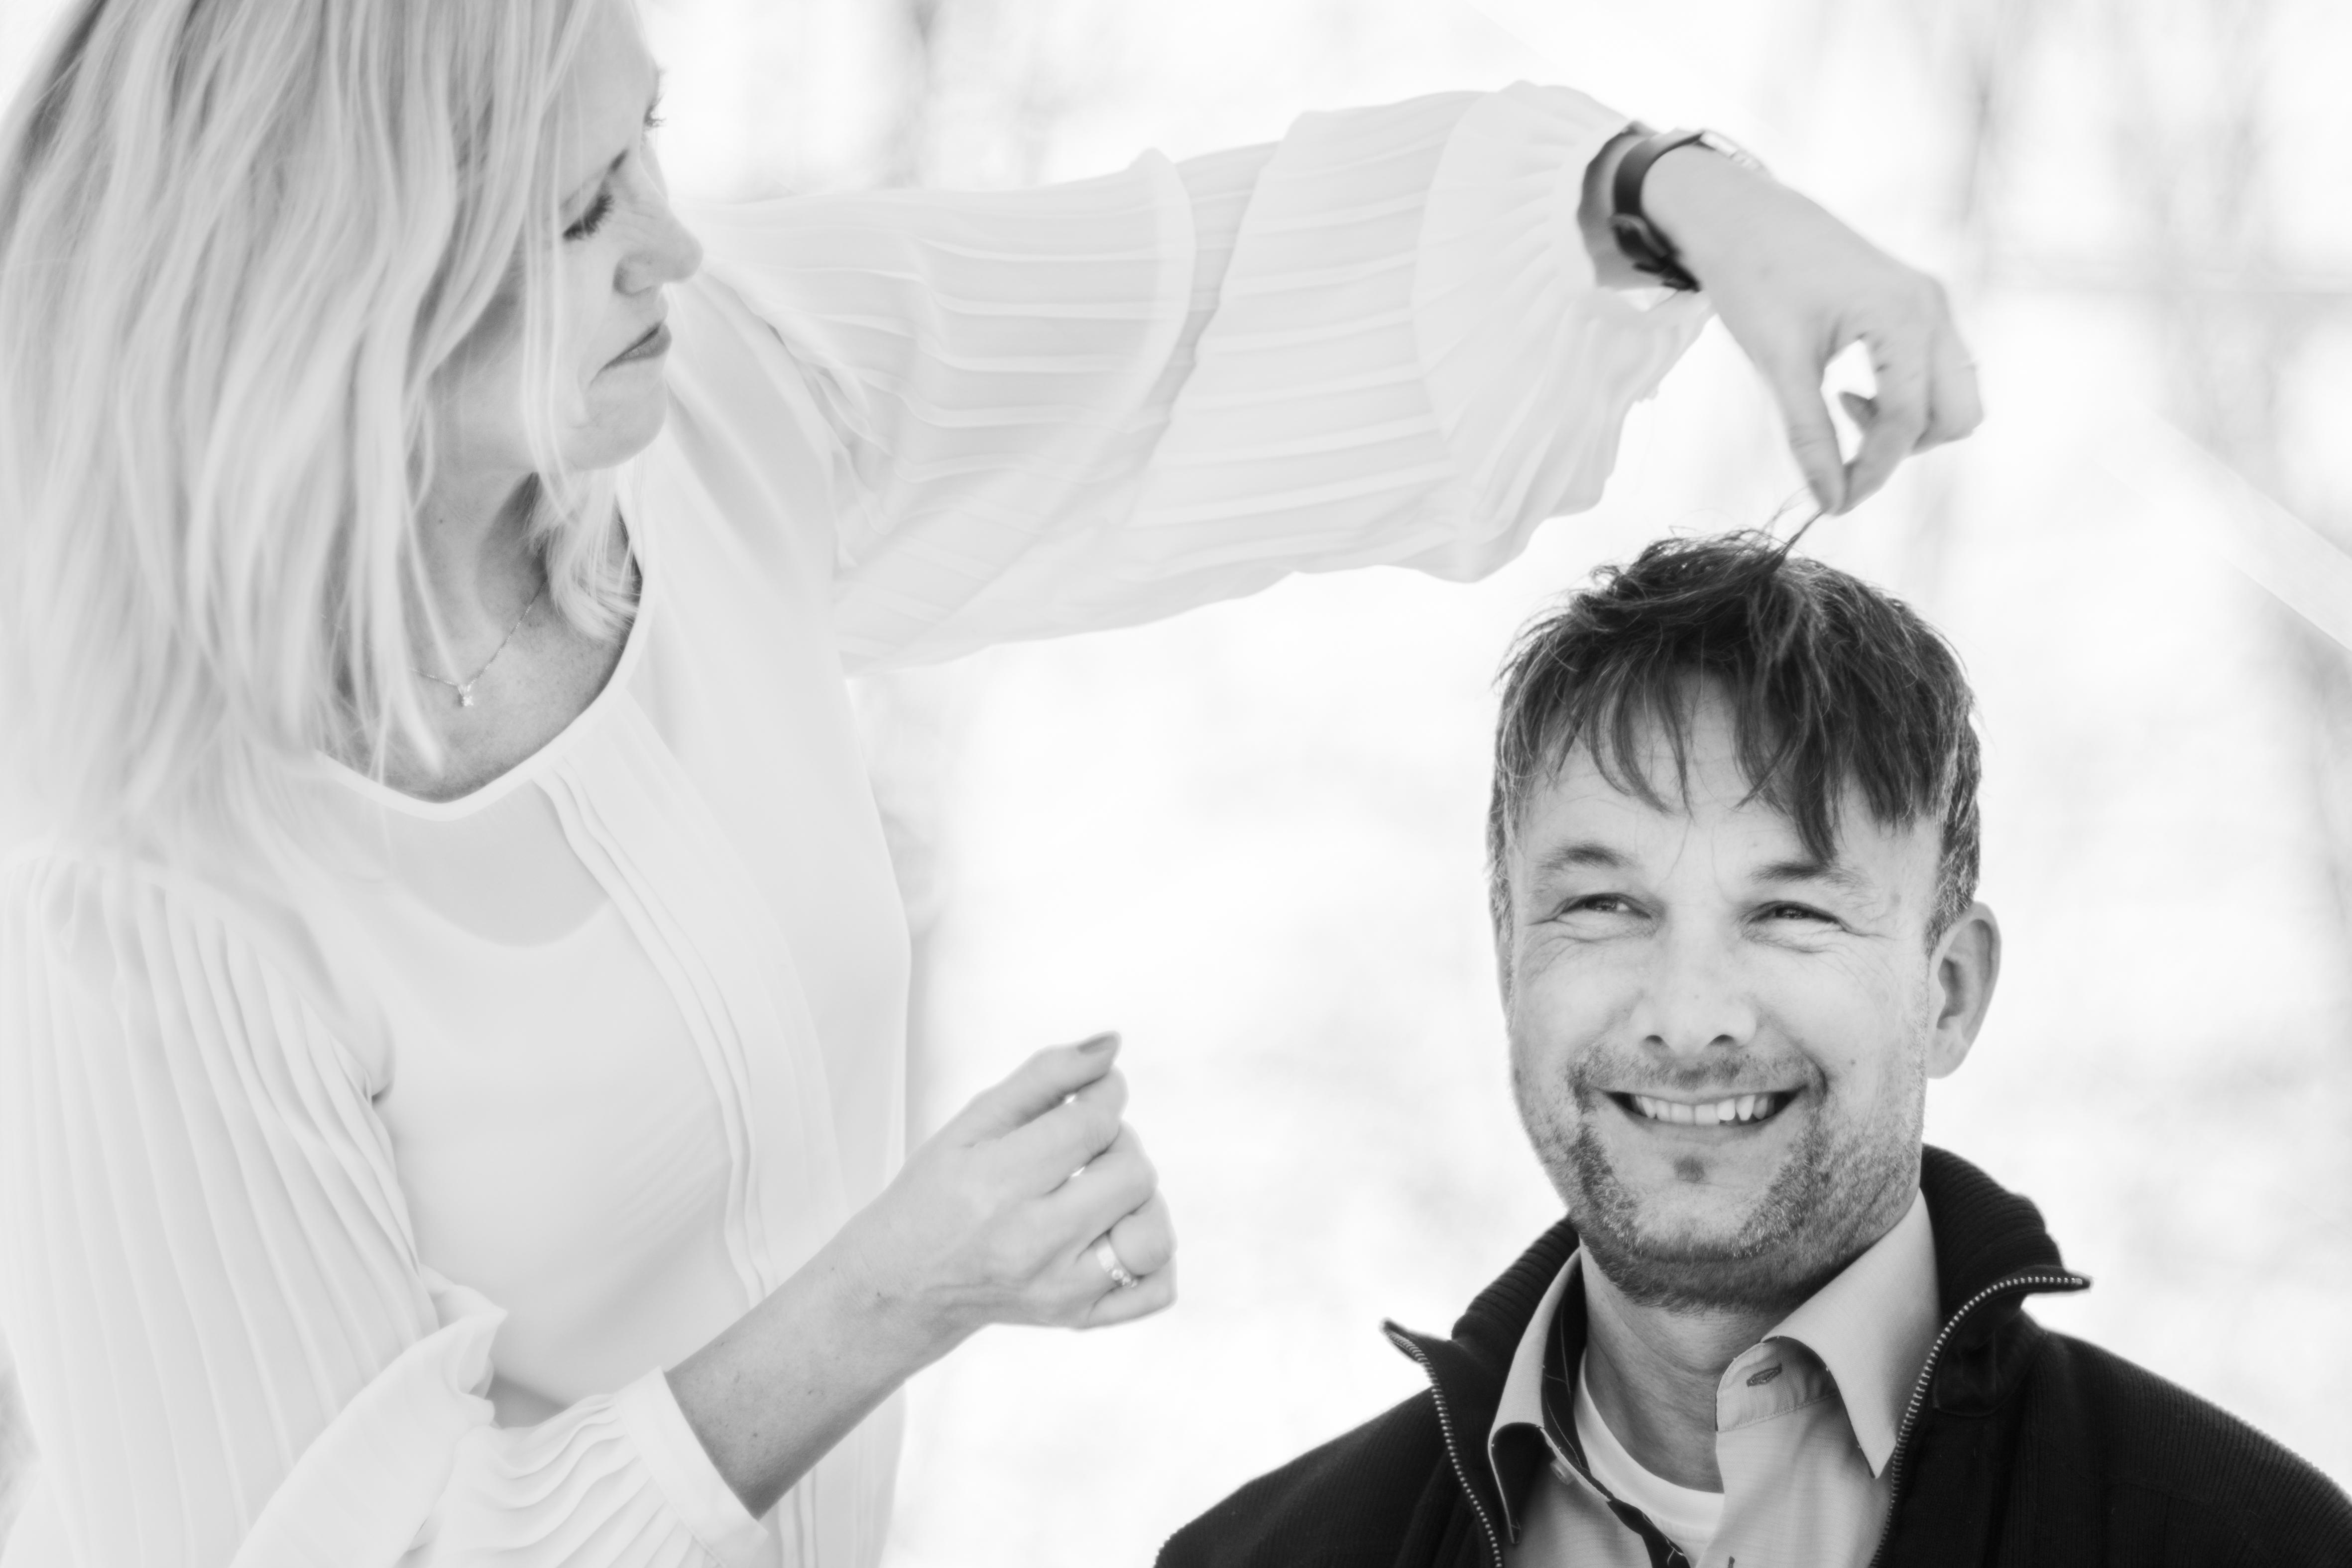 Mann som smiler og blir stelt på håret